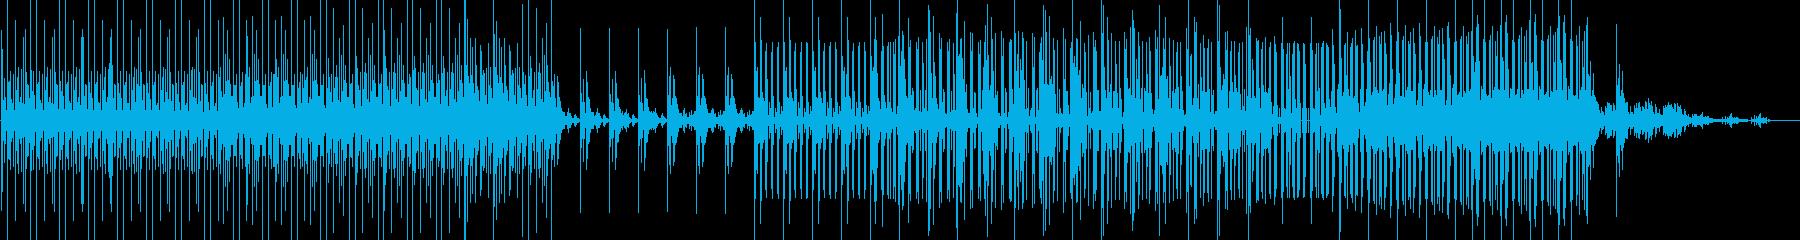 スリリングなミニマルドラムテクノの再生済みの波形